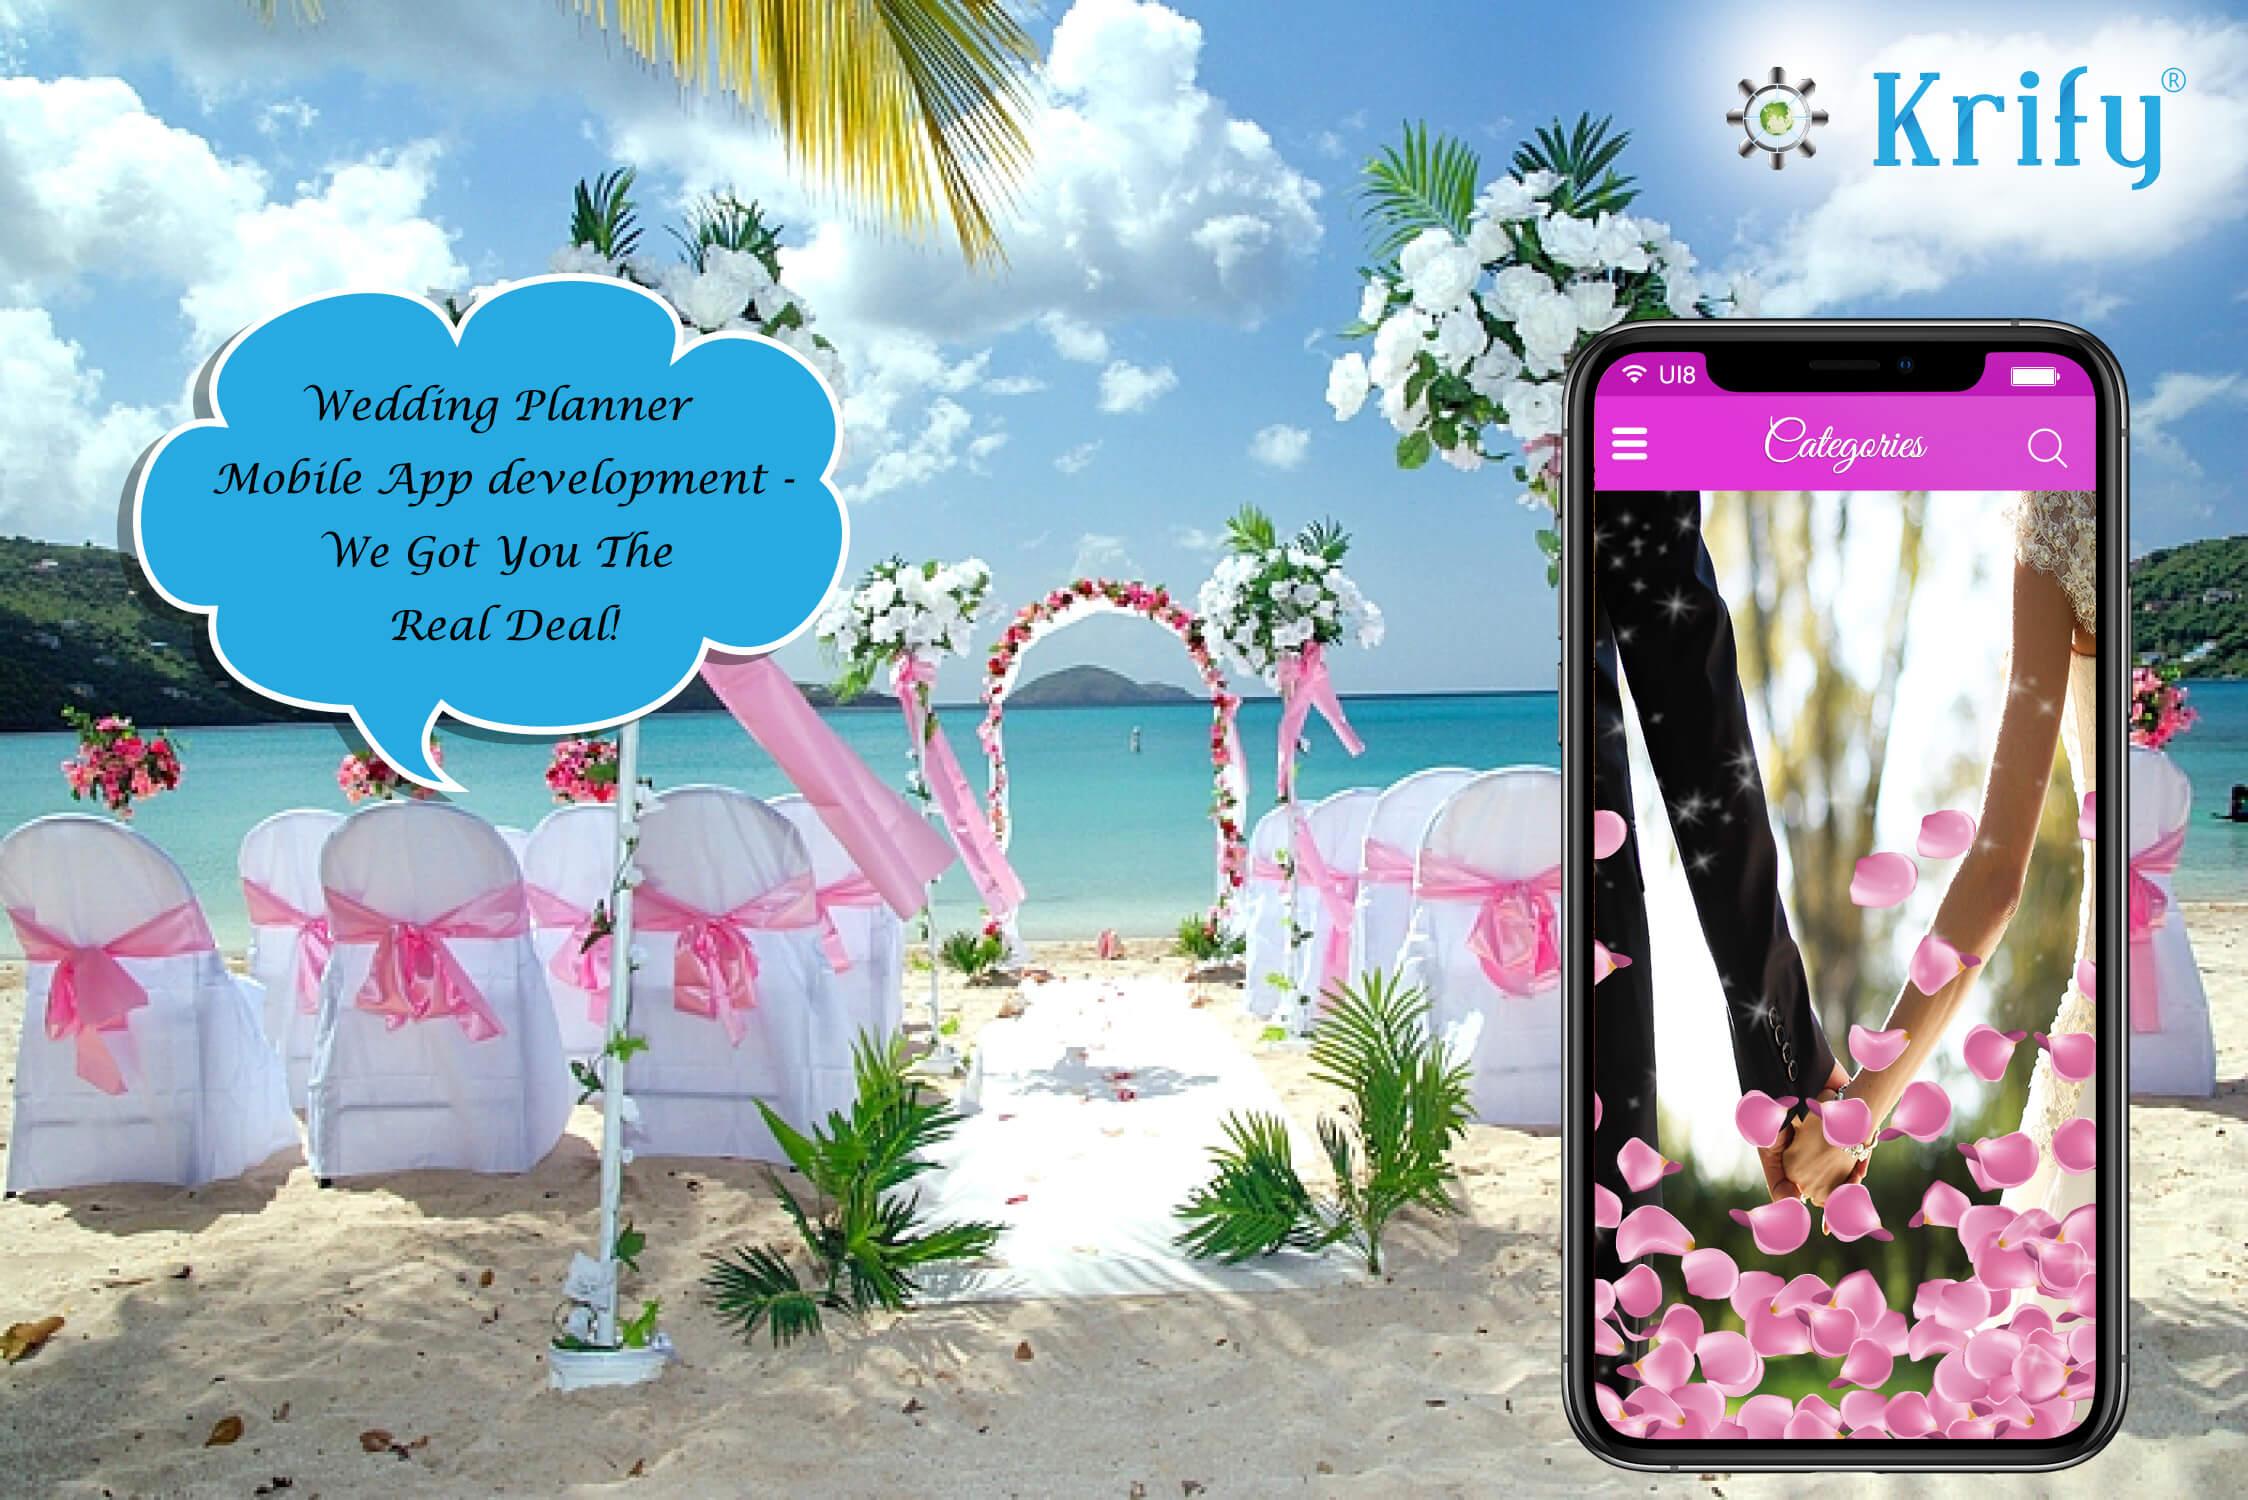 mobile app development for wedding planning app